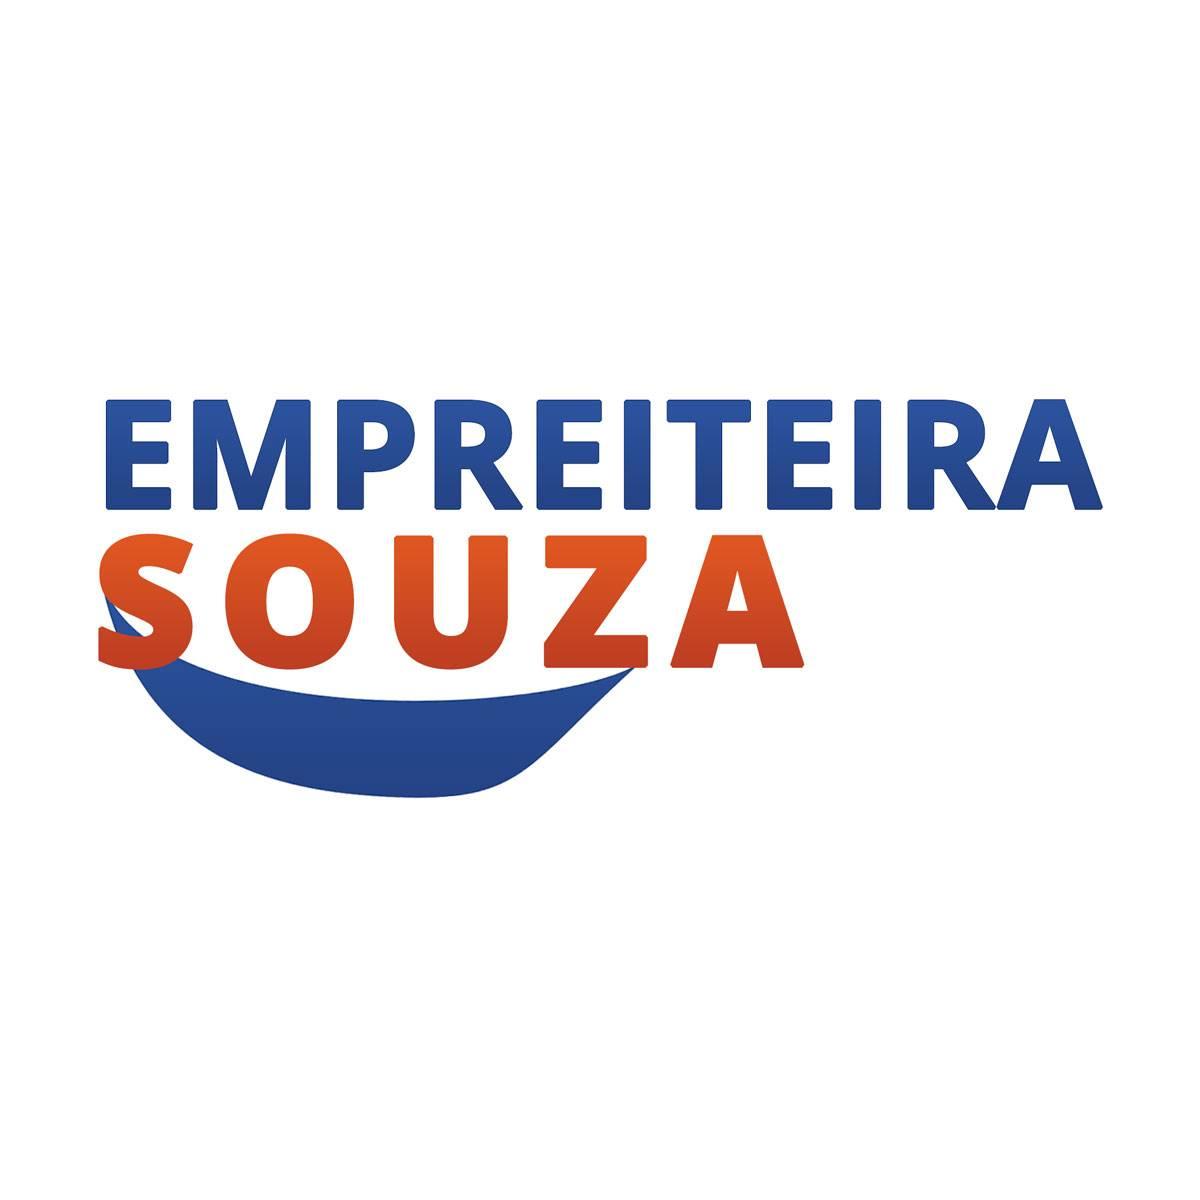 Empreiteira Souza